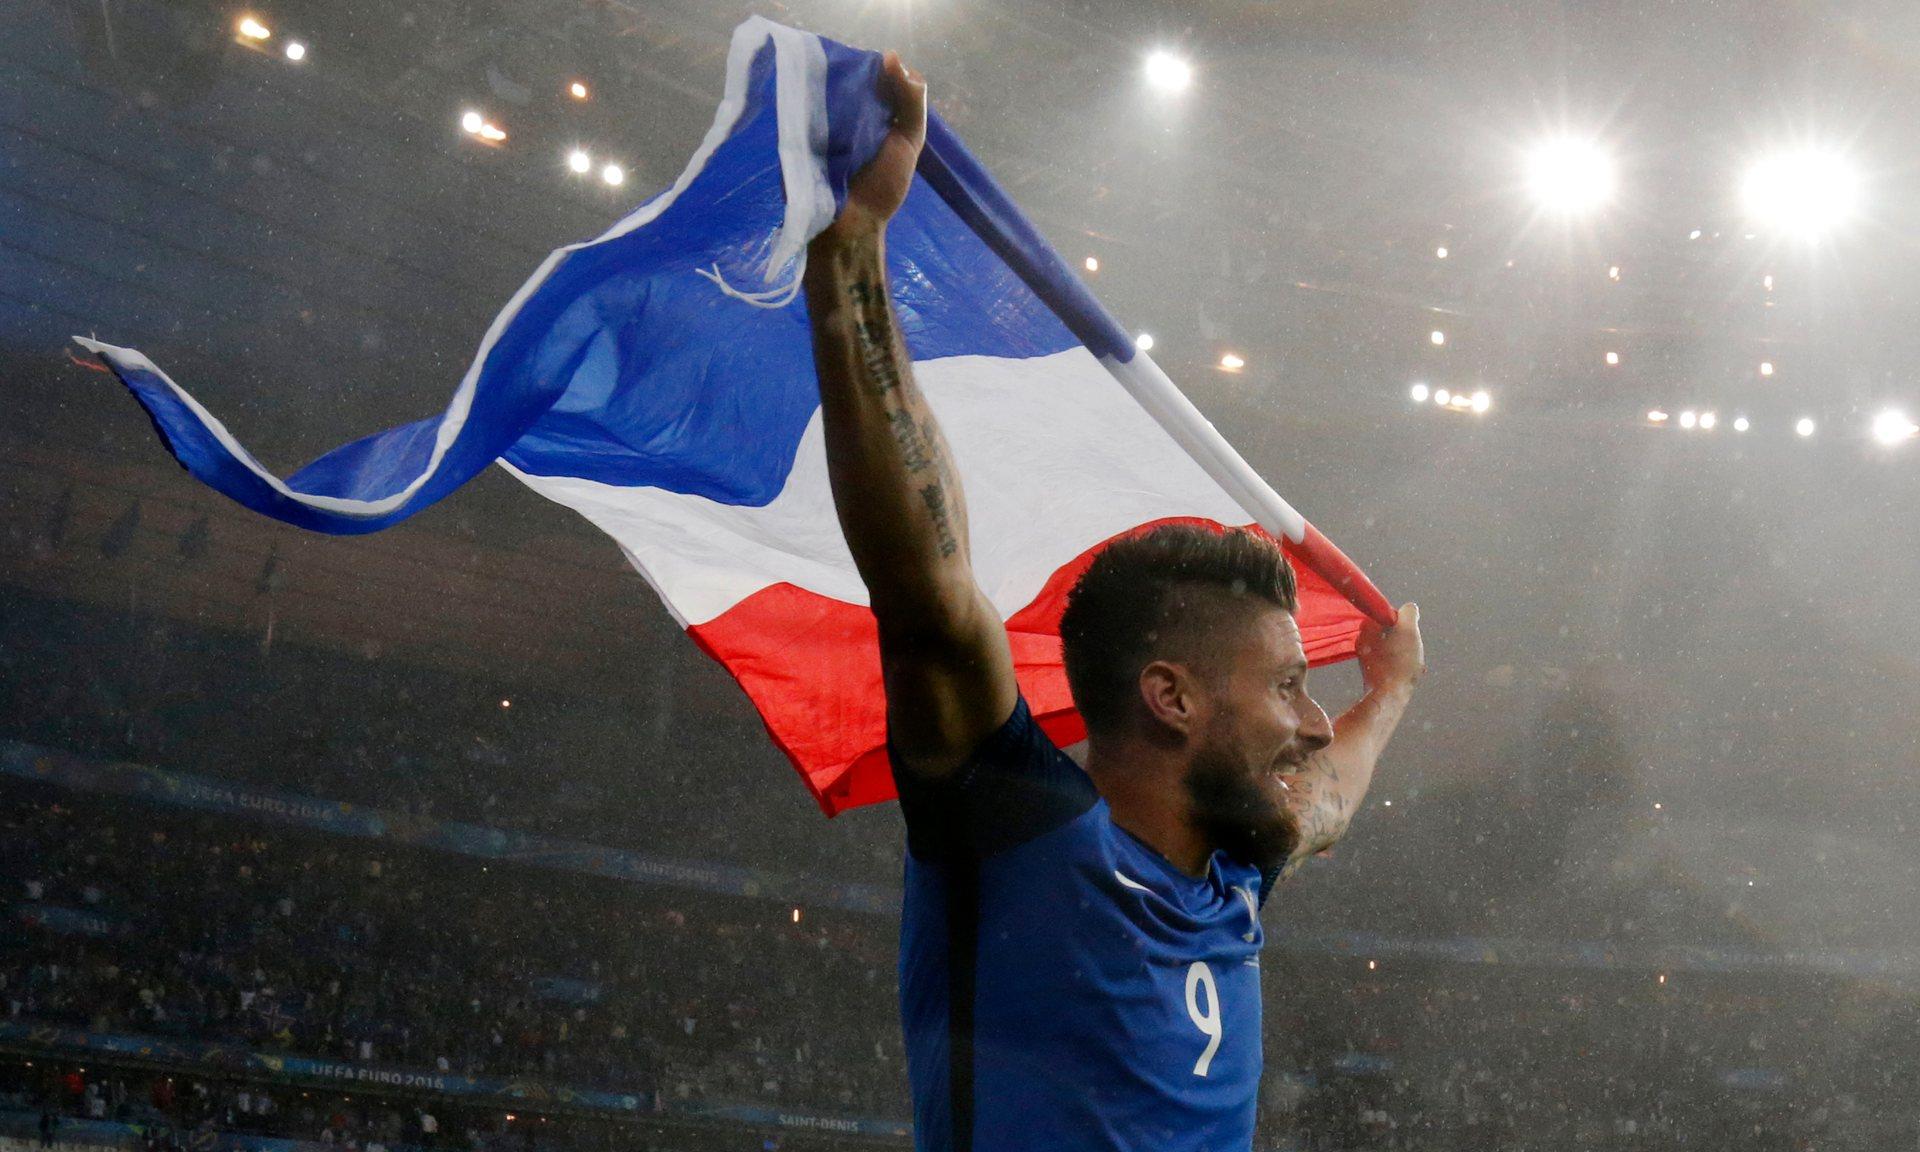 数据欧洲杯:伤在冰岛身,痛在三狮心 - 足球第一